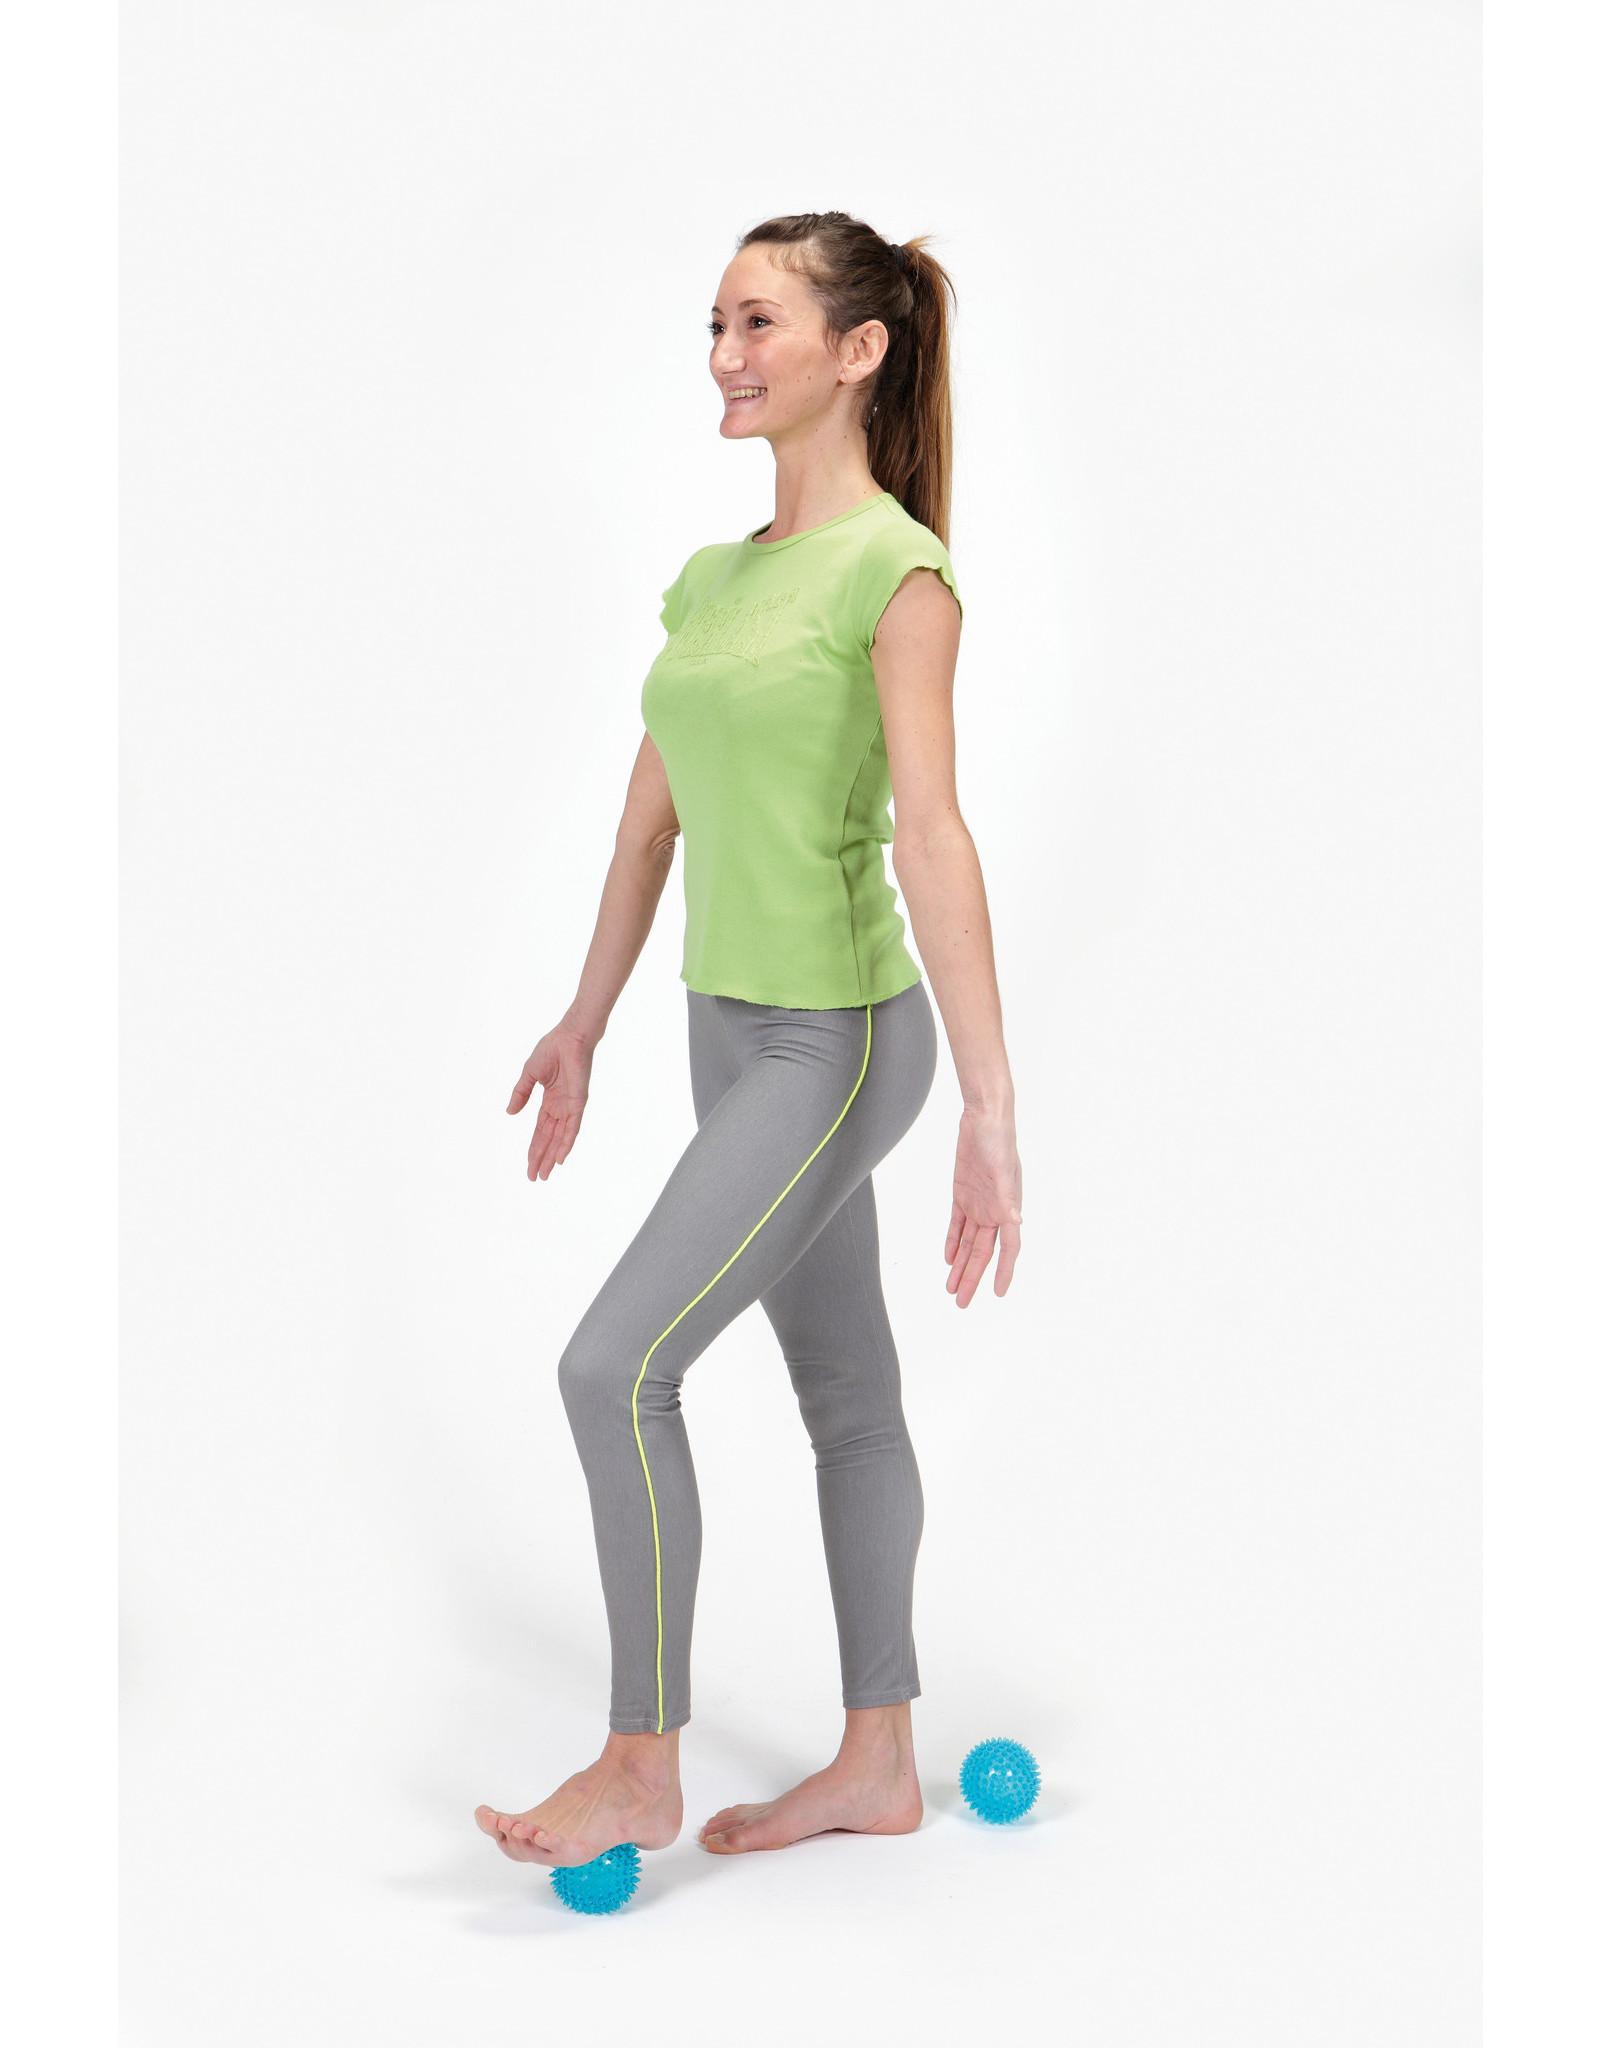 Gymnic Reflexball  set 9 / B / set of 2 pcs